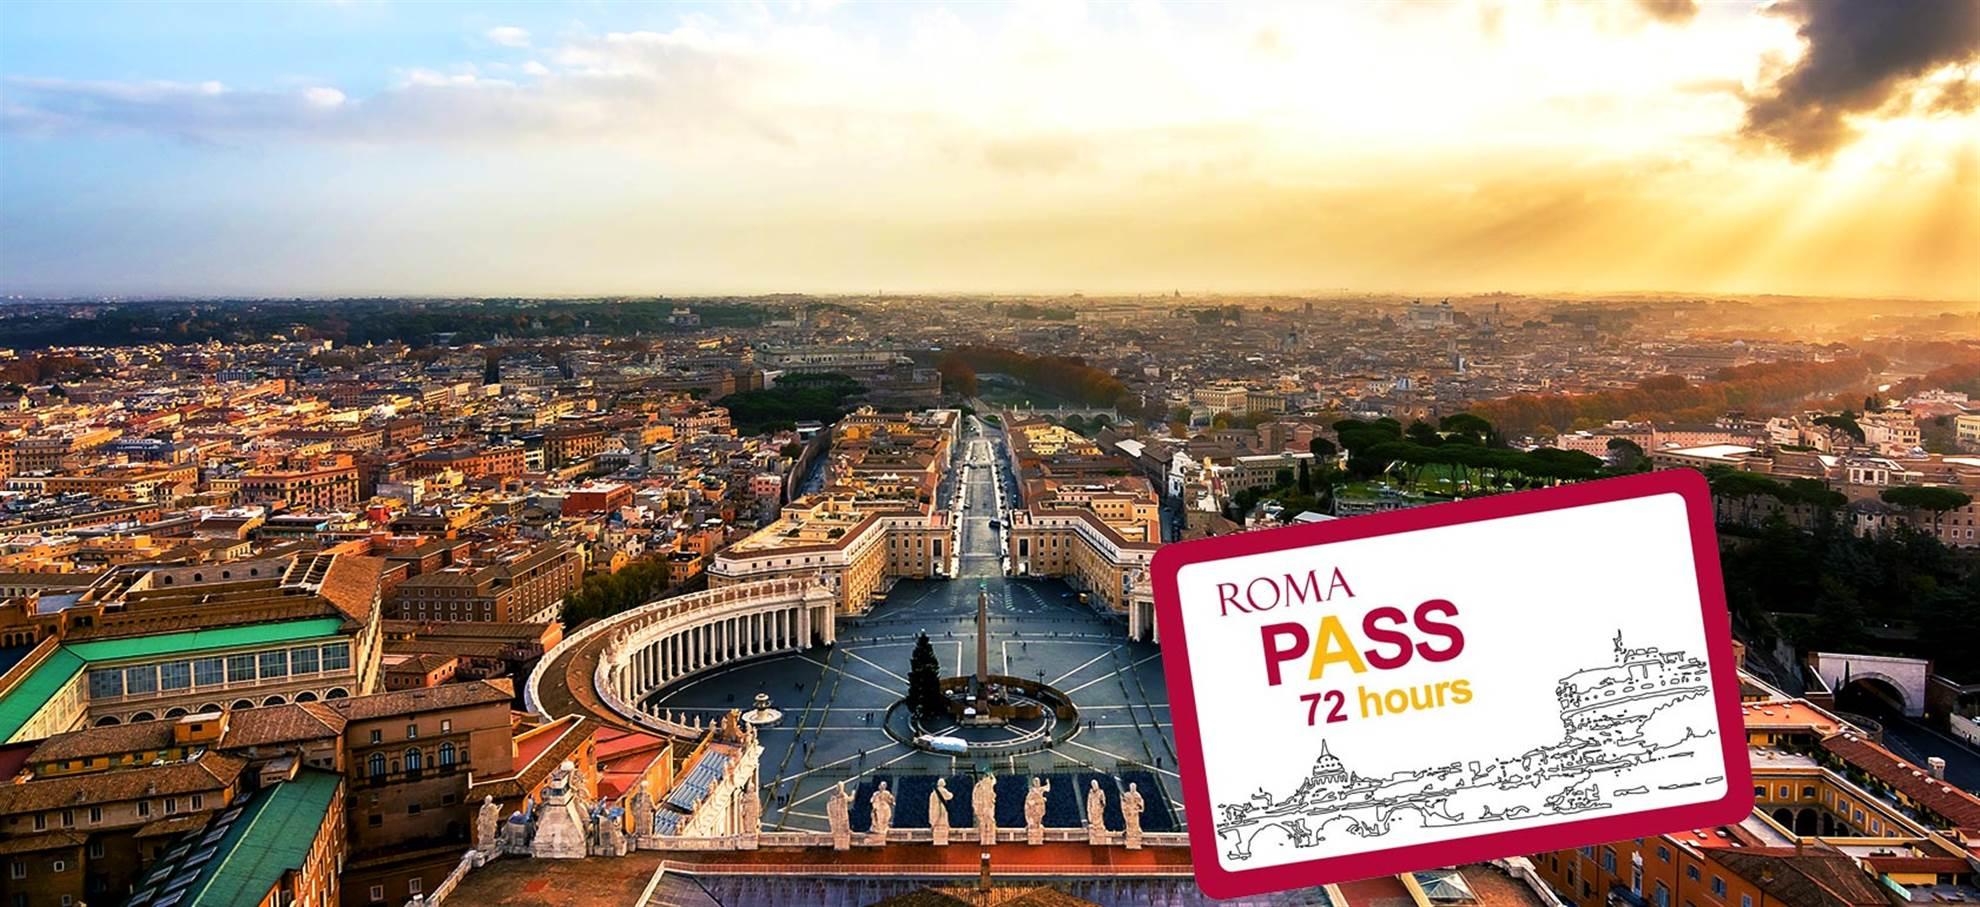 Roma Pass 72h (Bilhetes que evitam filas para St. Peters -opcional)